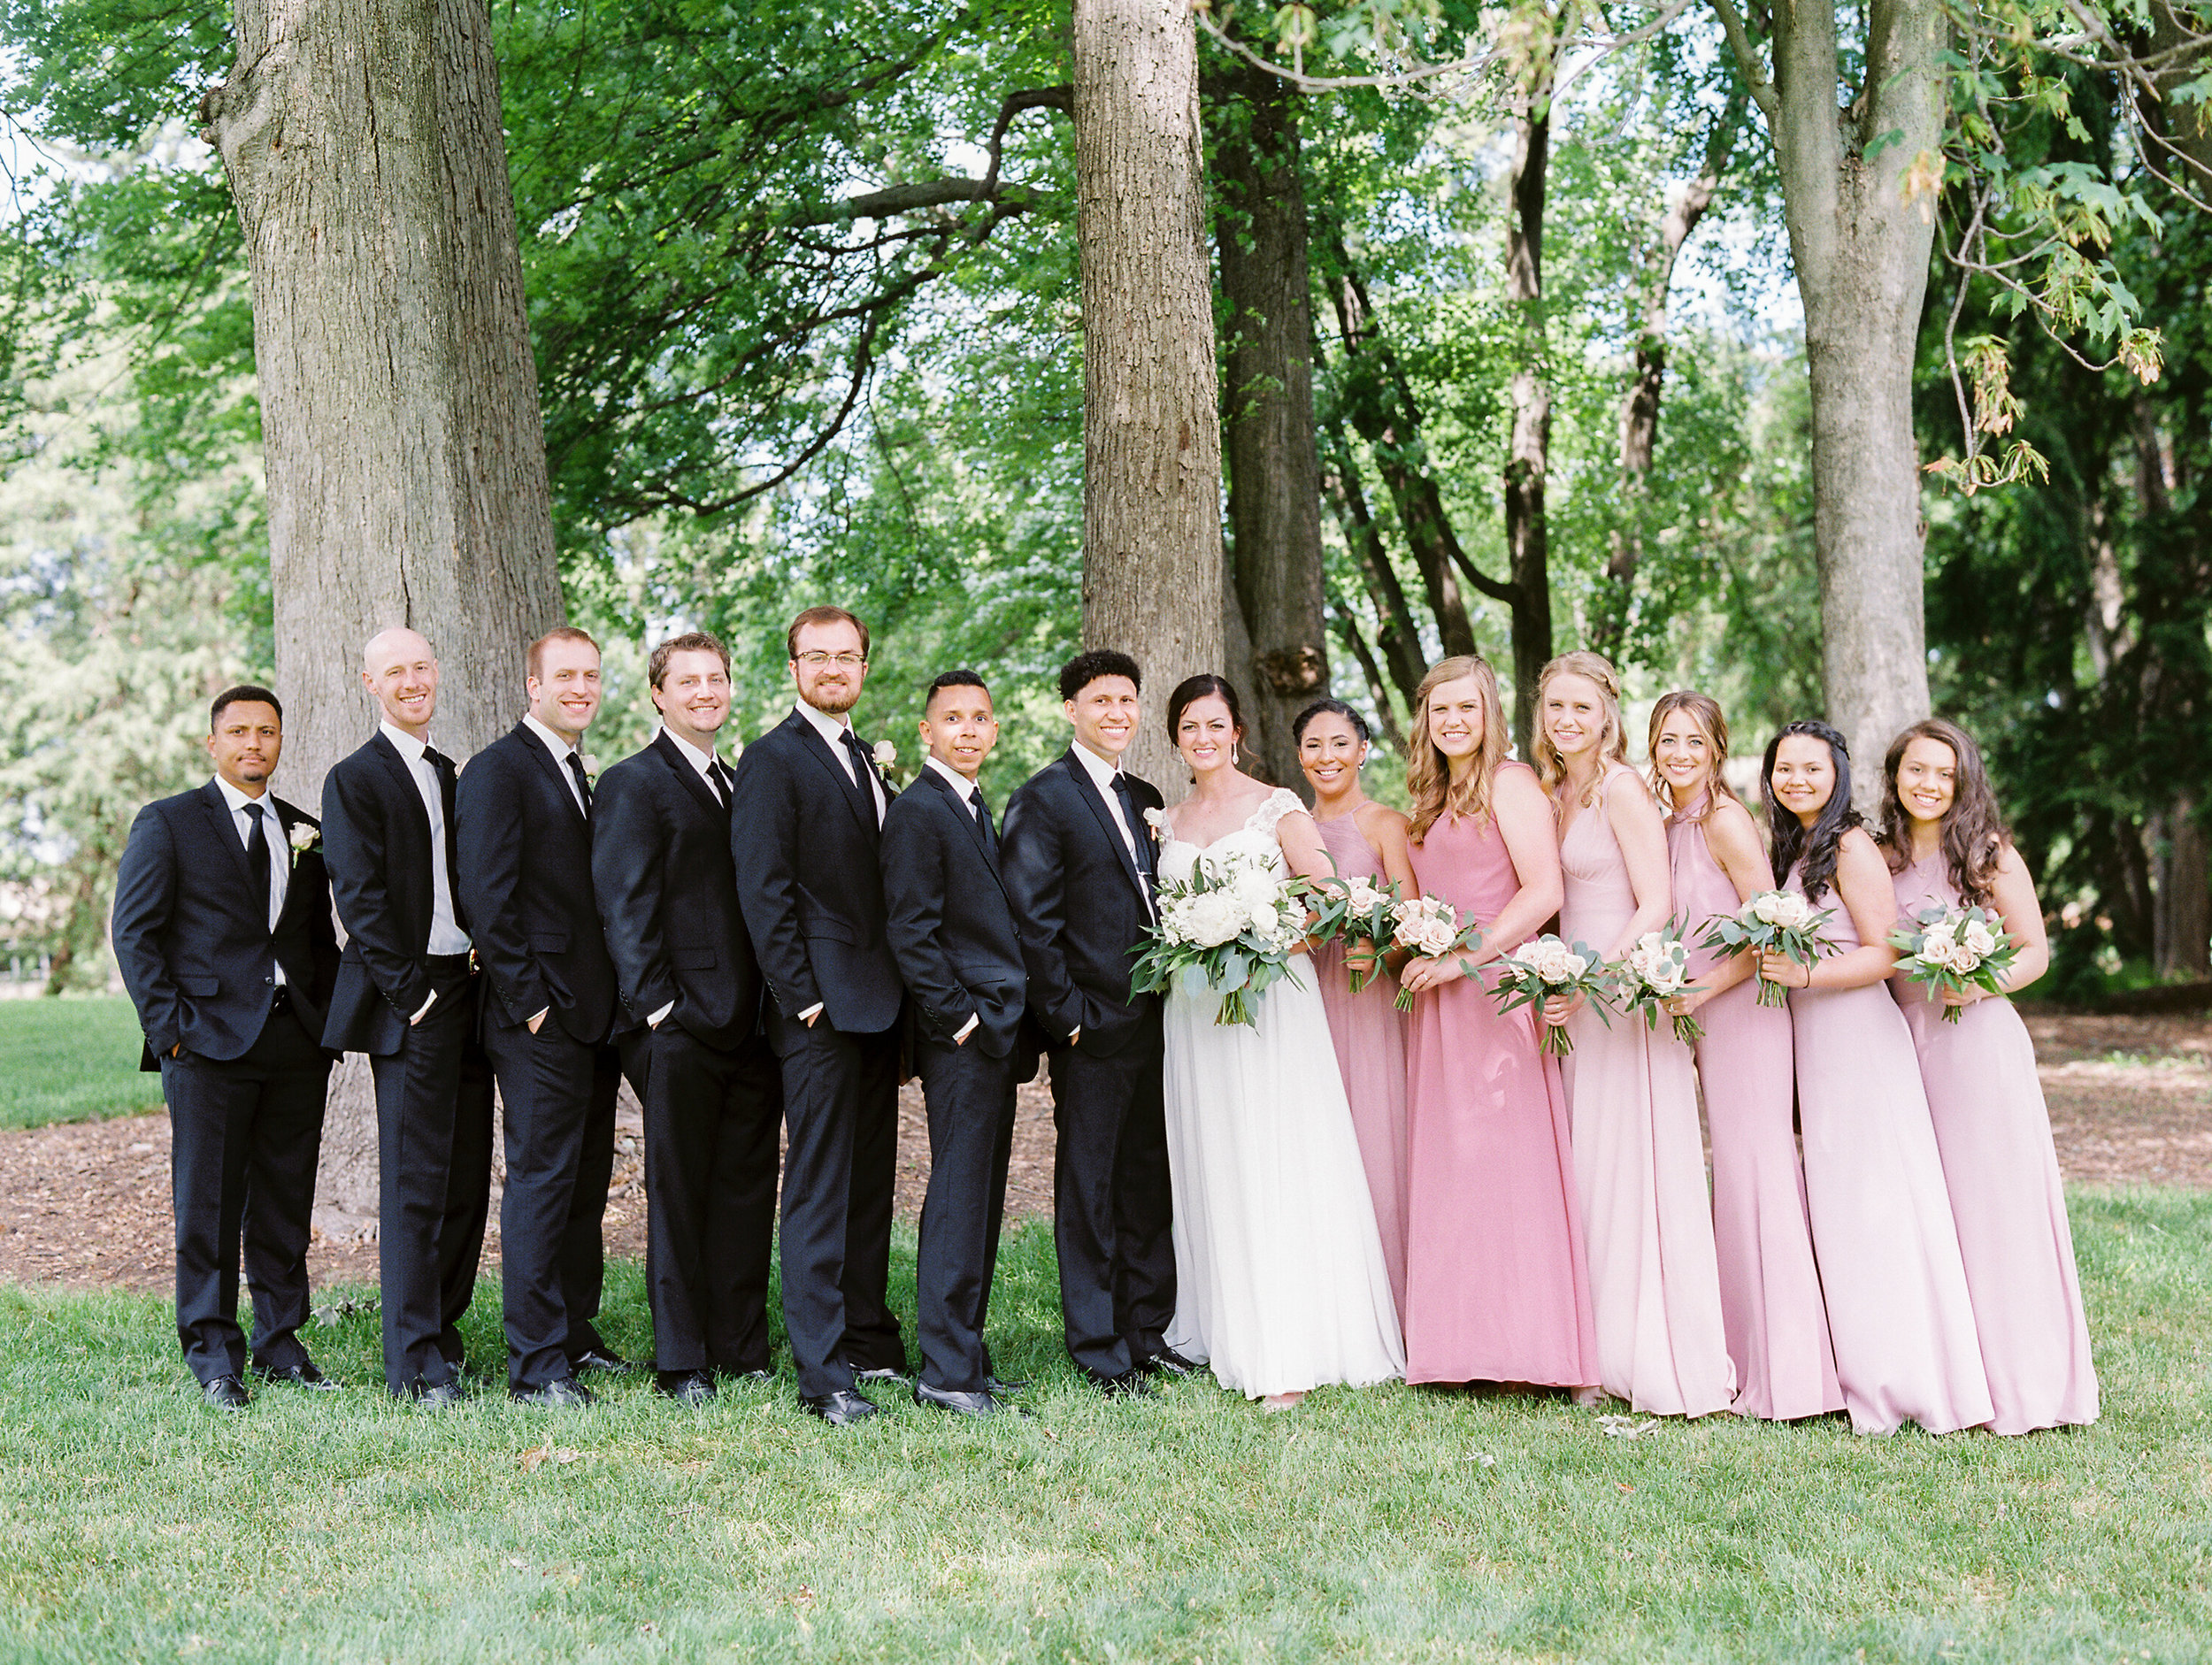 Julius+Wedding+BridalPartyf-49.jpg